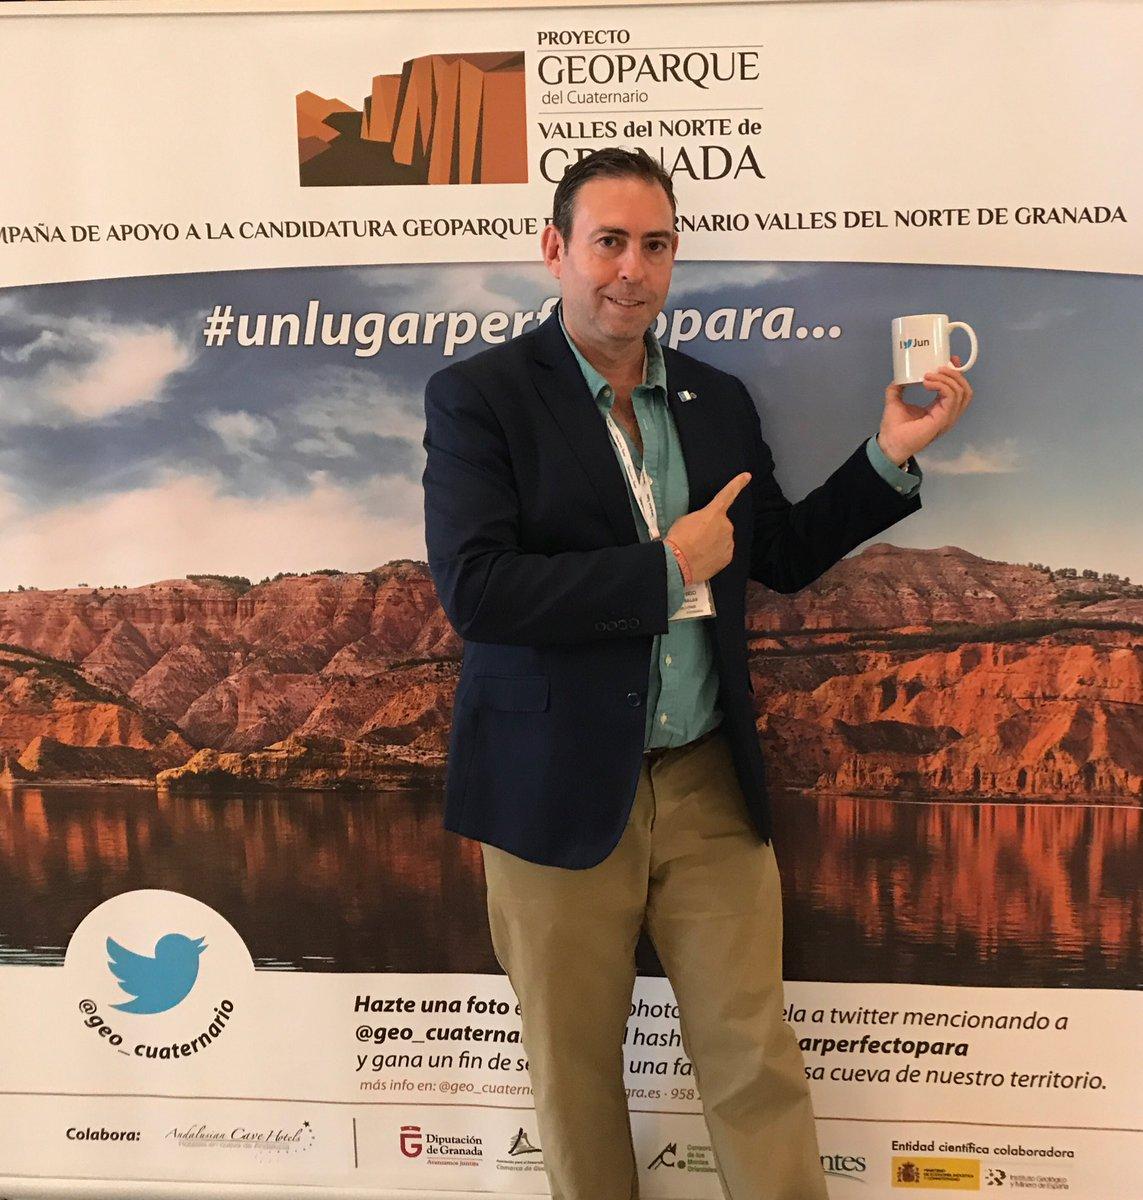 Magnífica iniciativa con #Unlugarperfectopara en el proyecto Geoparque...